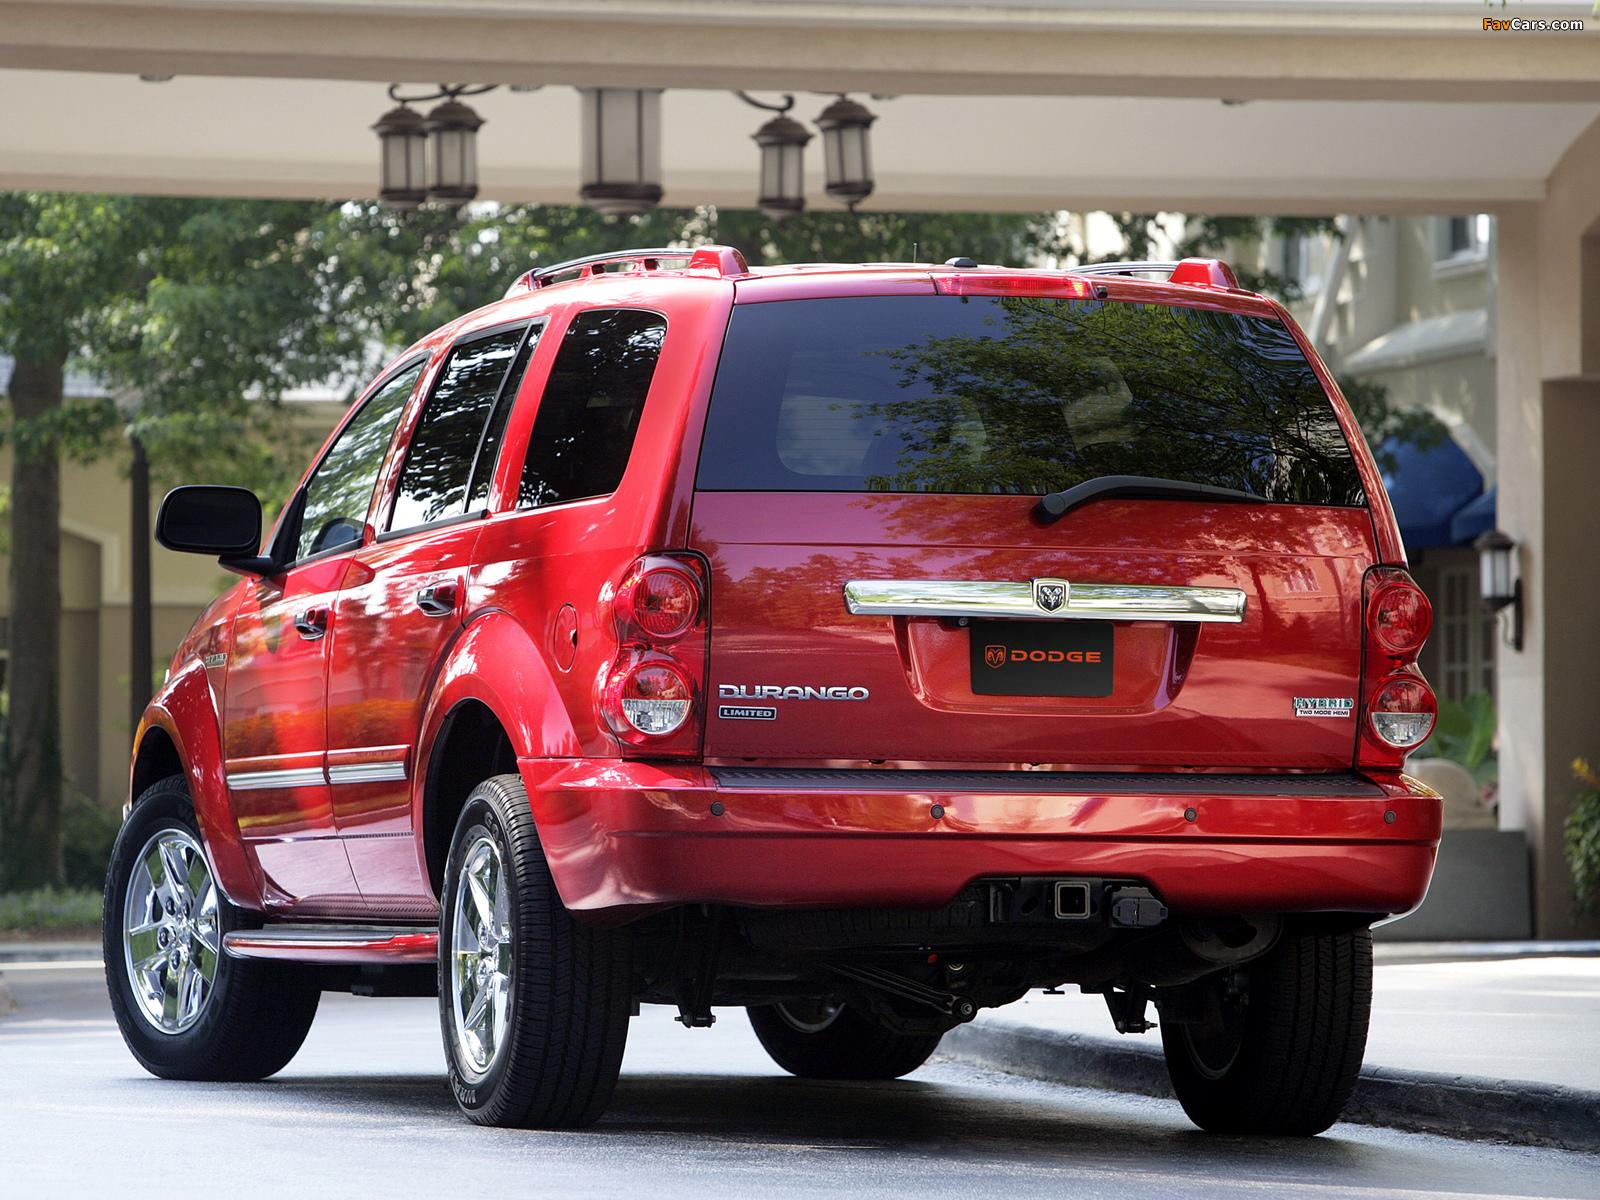 Dodge Durango Hybrid 2008 pictures (1600 x 1200)